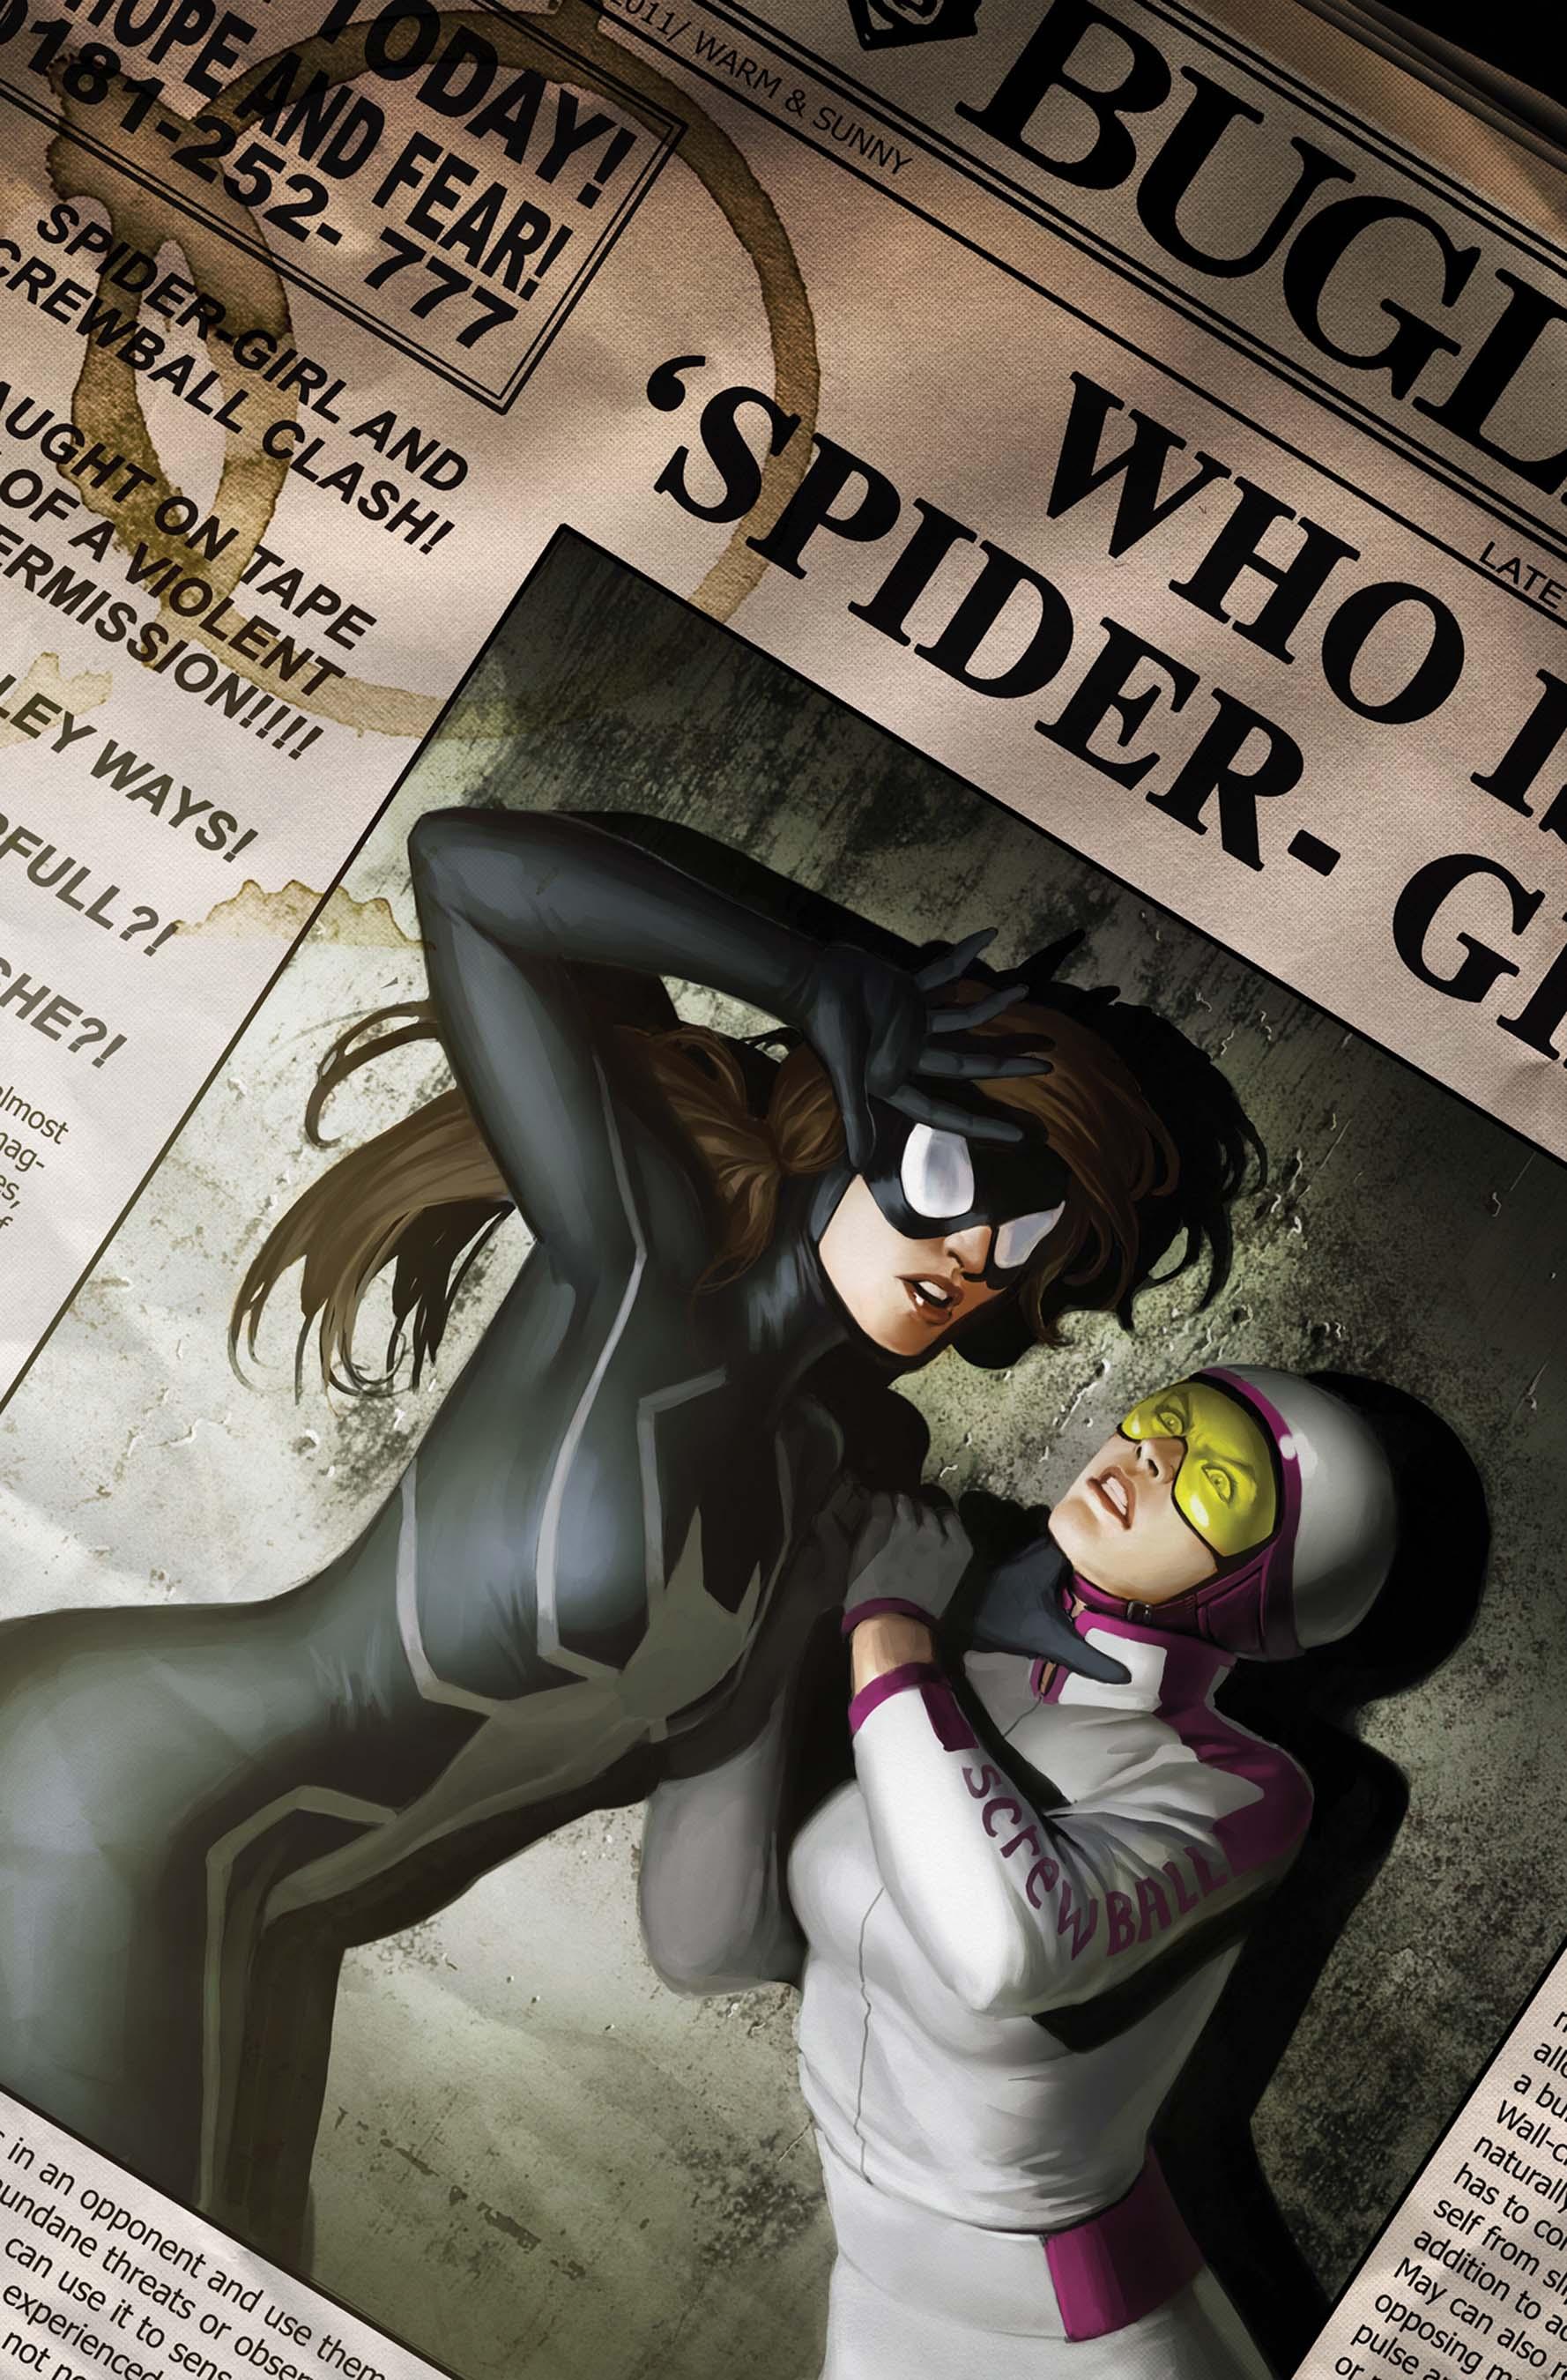 Spider-Girl (2010) #7